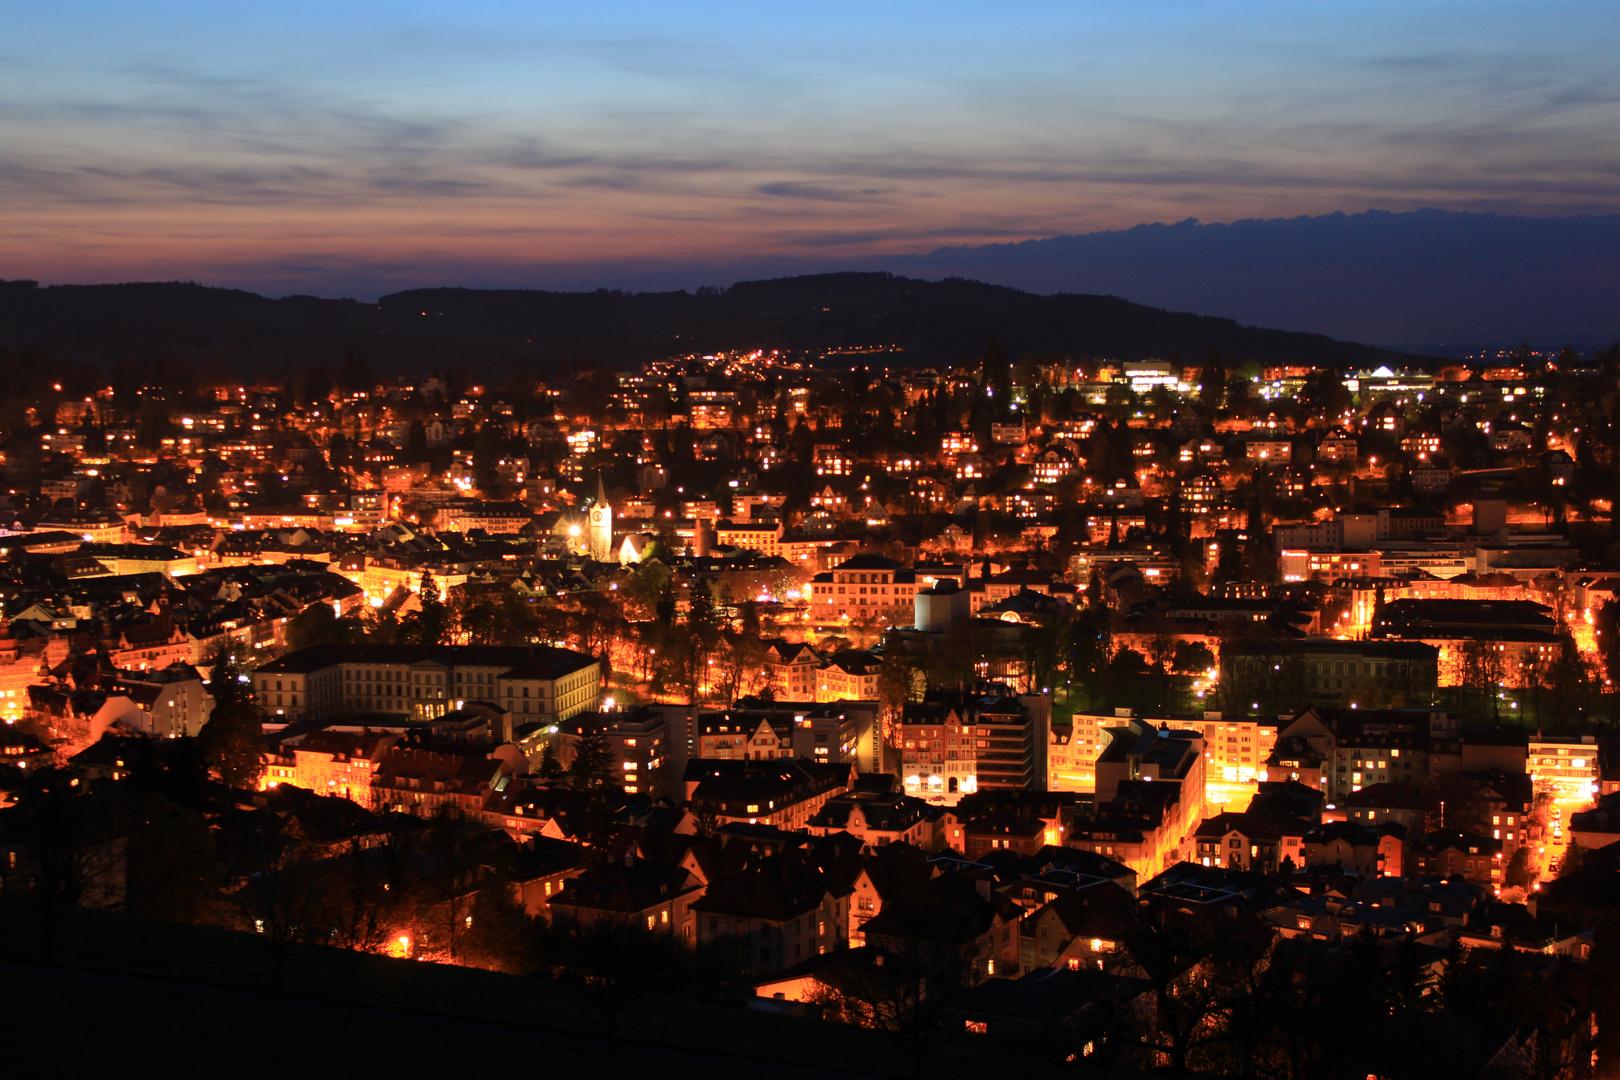 St. Gallen at night